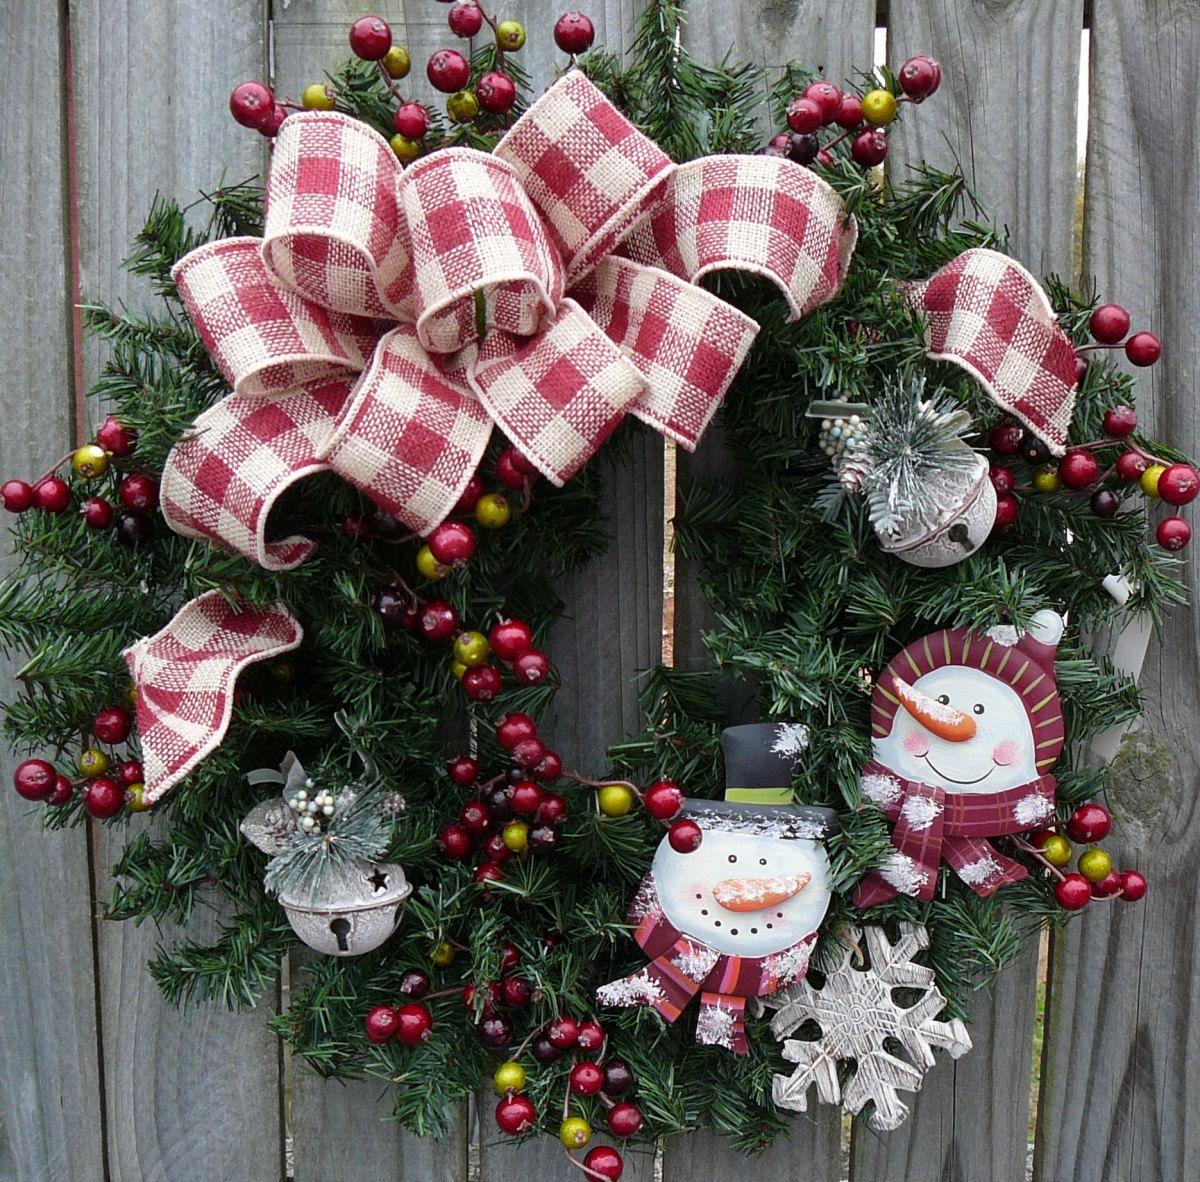 Snowman Wreath Snow Man Wreath Christmas Wreath Winter Wreath Rustic Snow Man Wreath Primitive Snow Man Wre Christmas Wreaths Winter Wreath Snowman Wreath